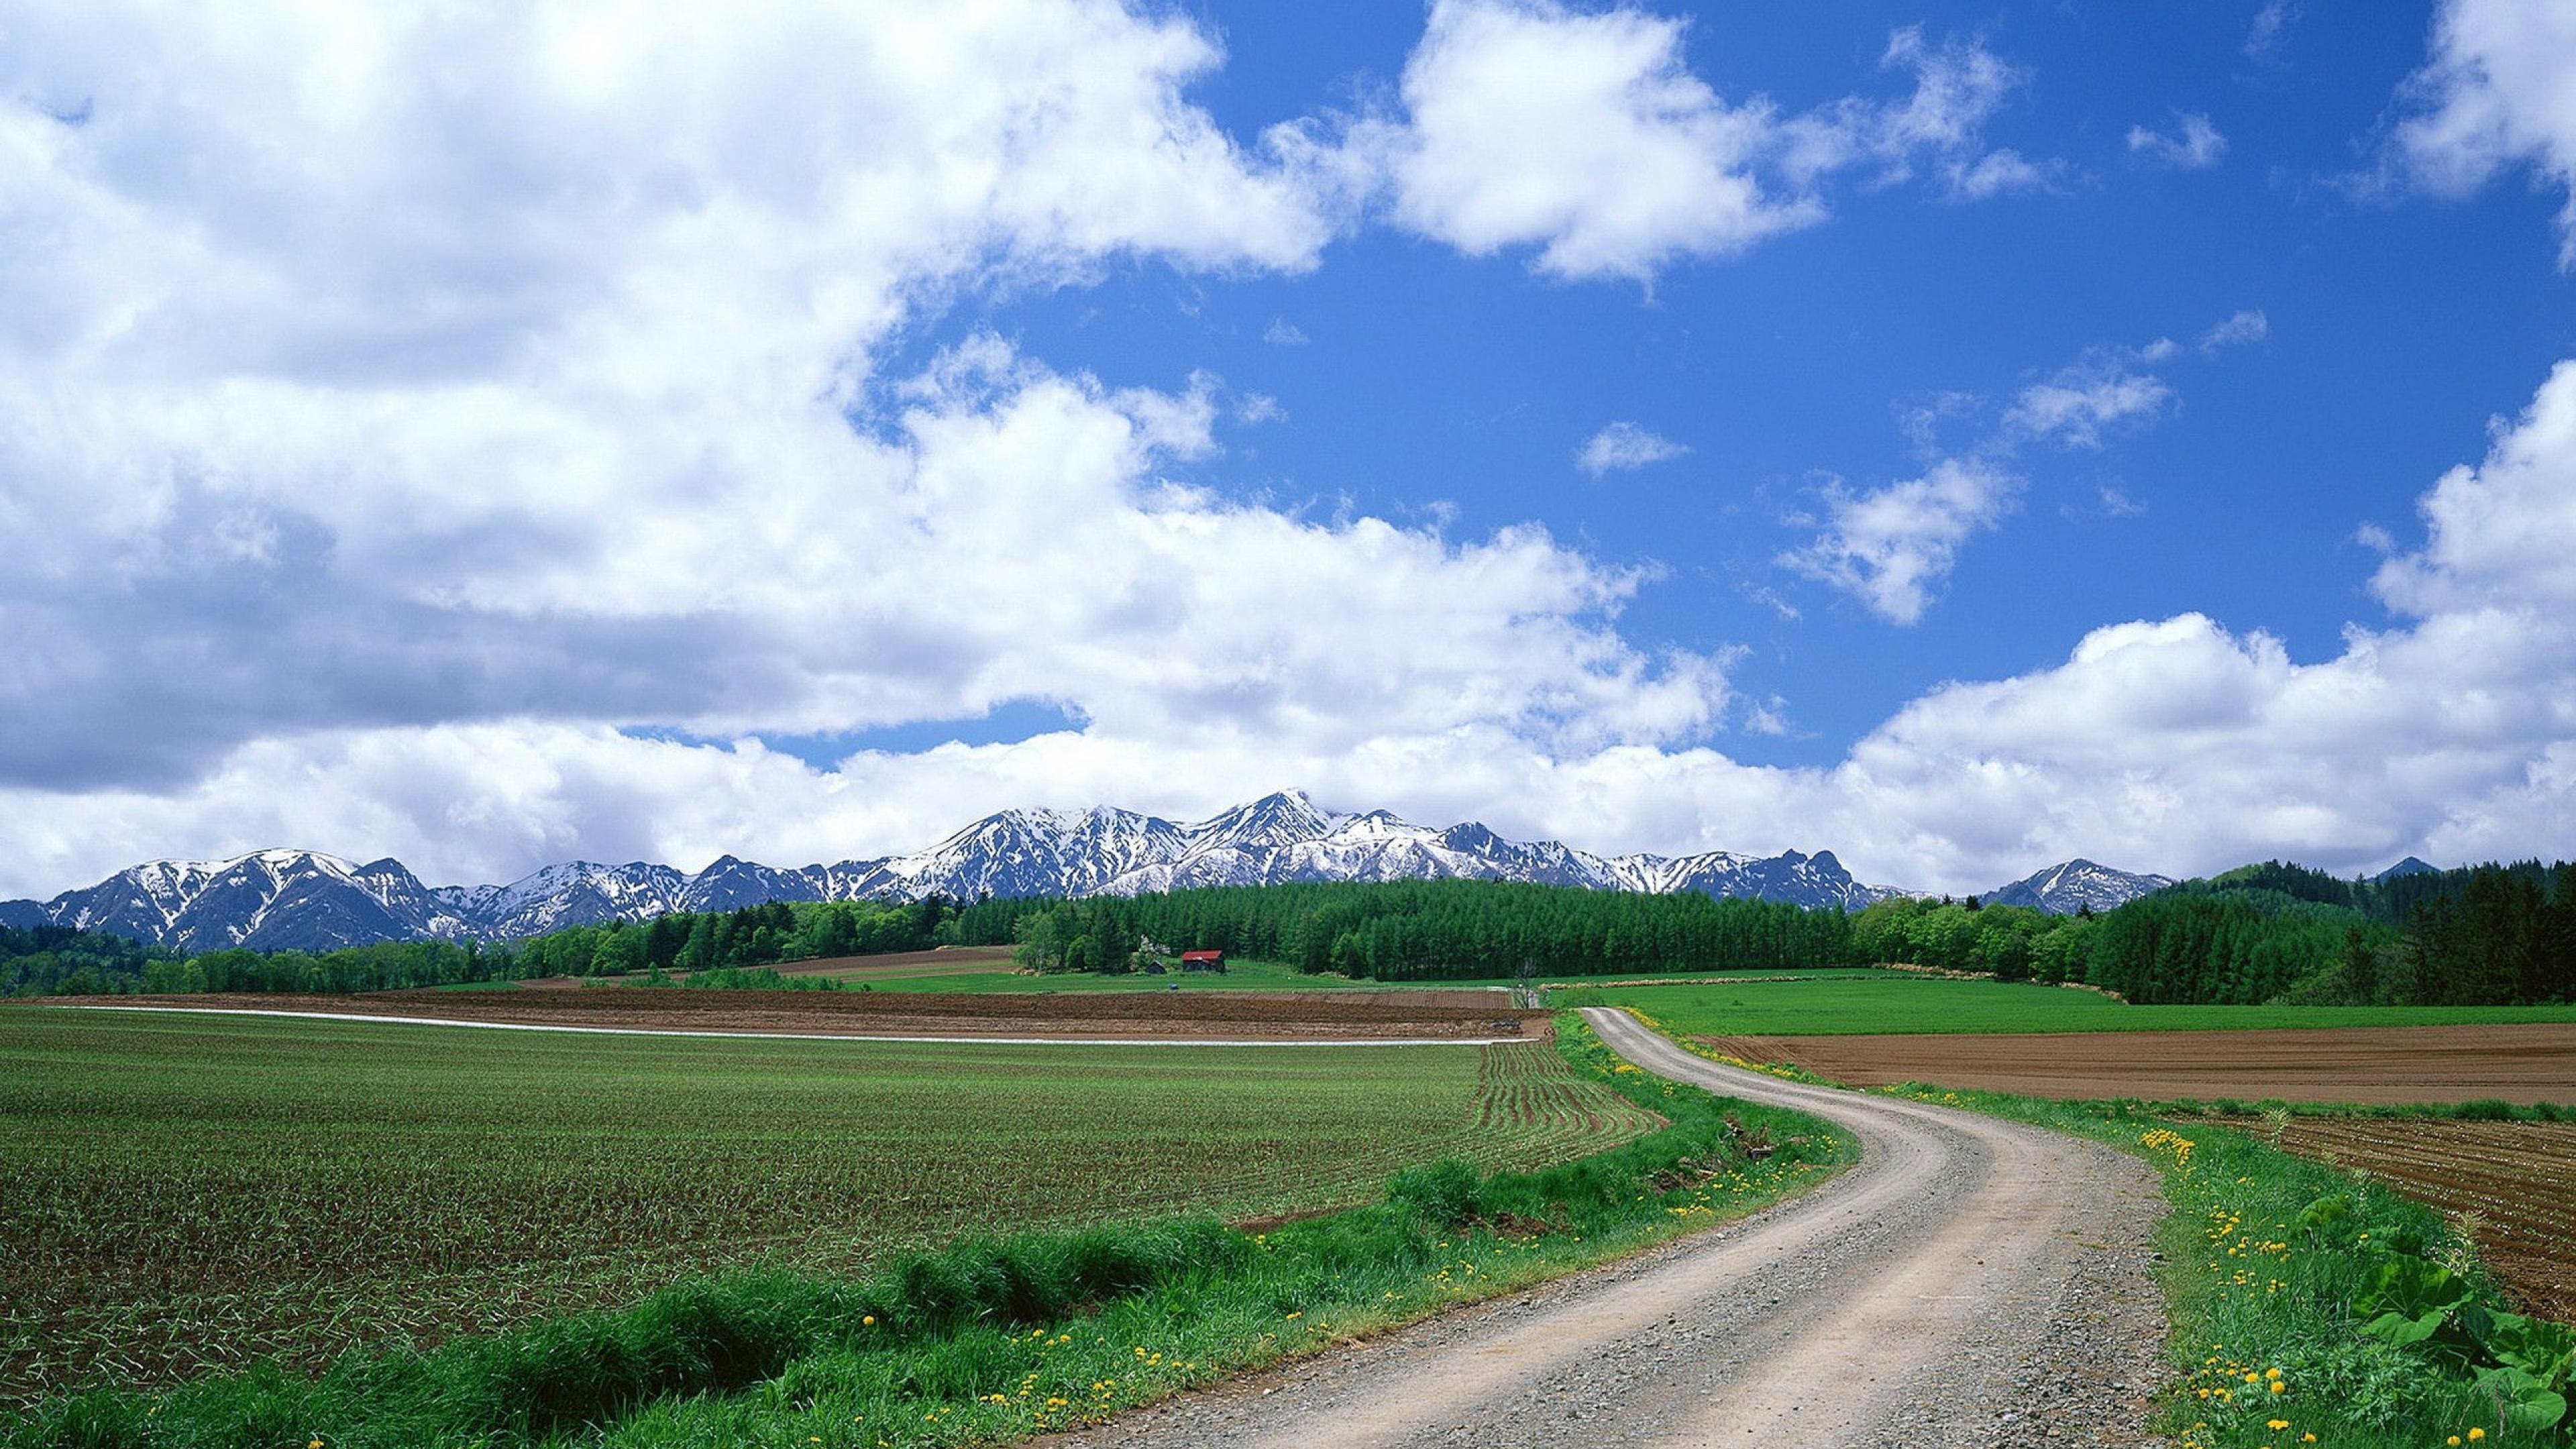 Summer grass Mountains Beautiful Wallpaper Background 4K Ultra HD 3840x2160